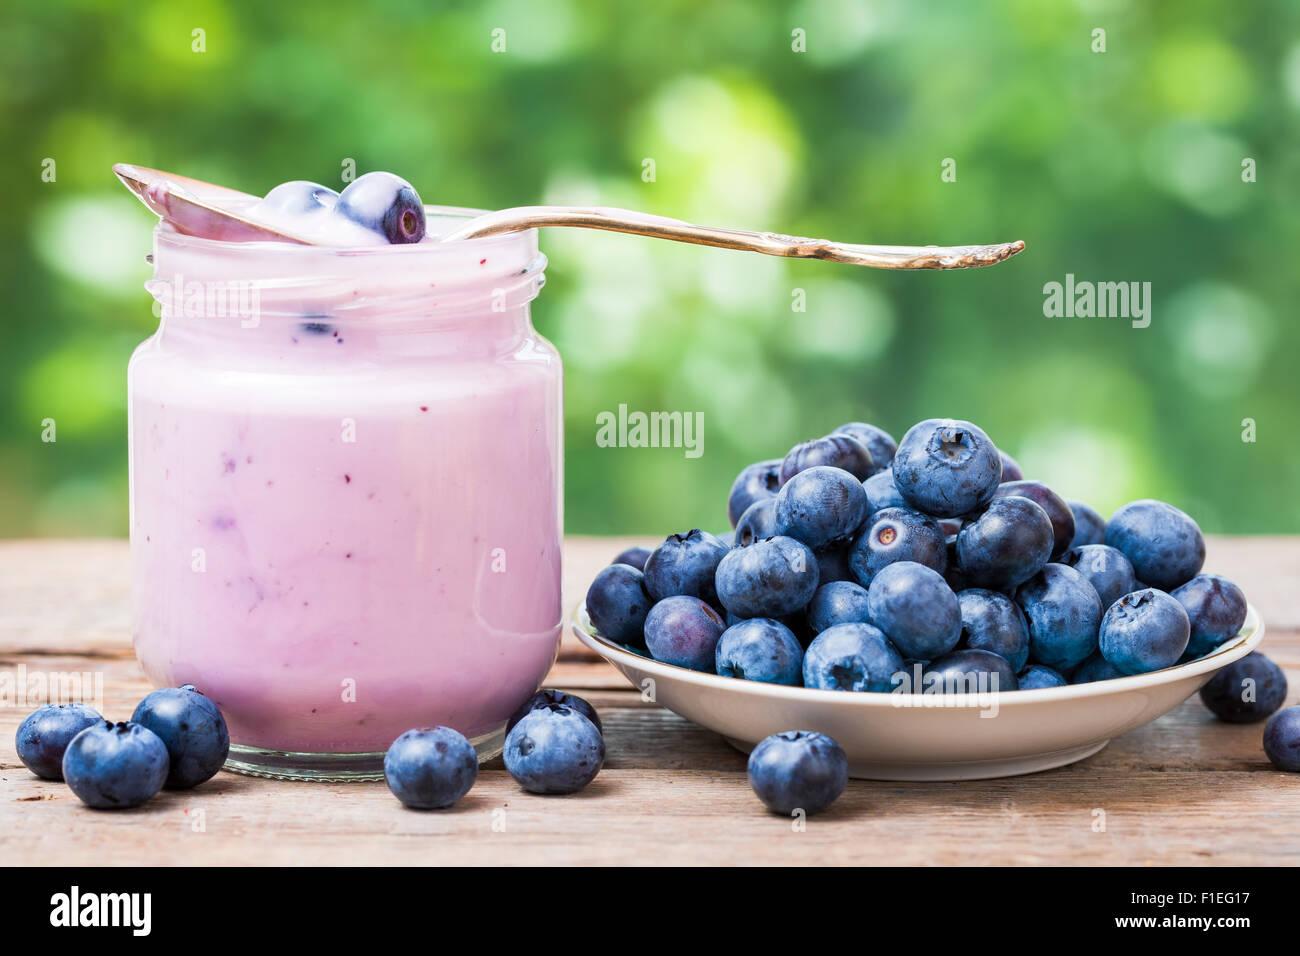 Bleuets frais yogourt en pot de verre et soucoupe avec les myrtilles. Photo Stock